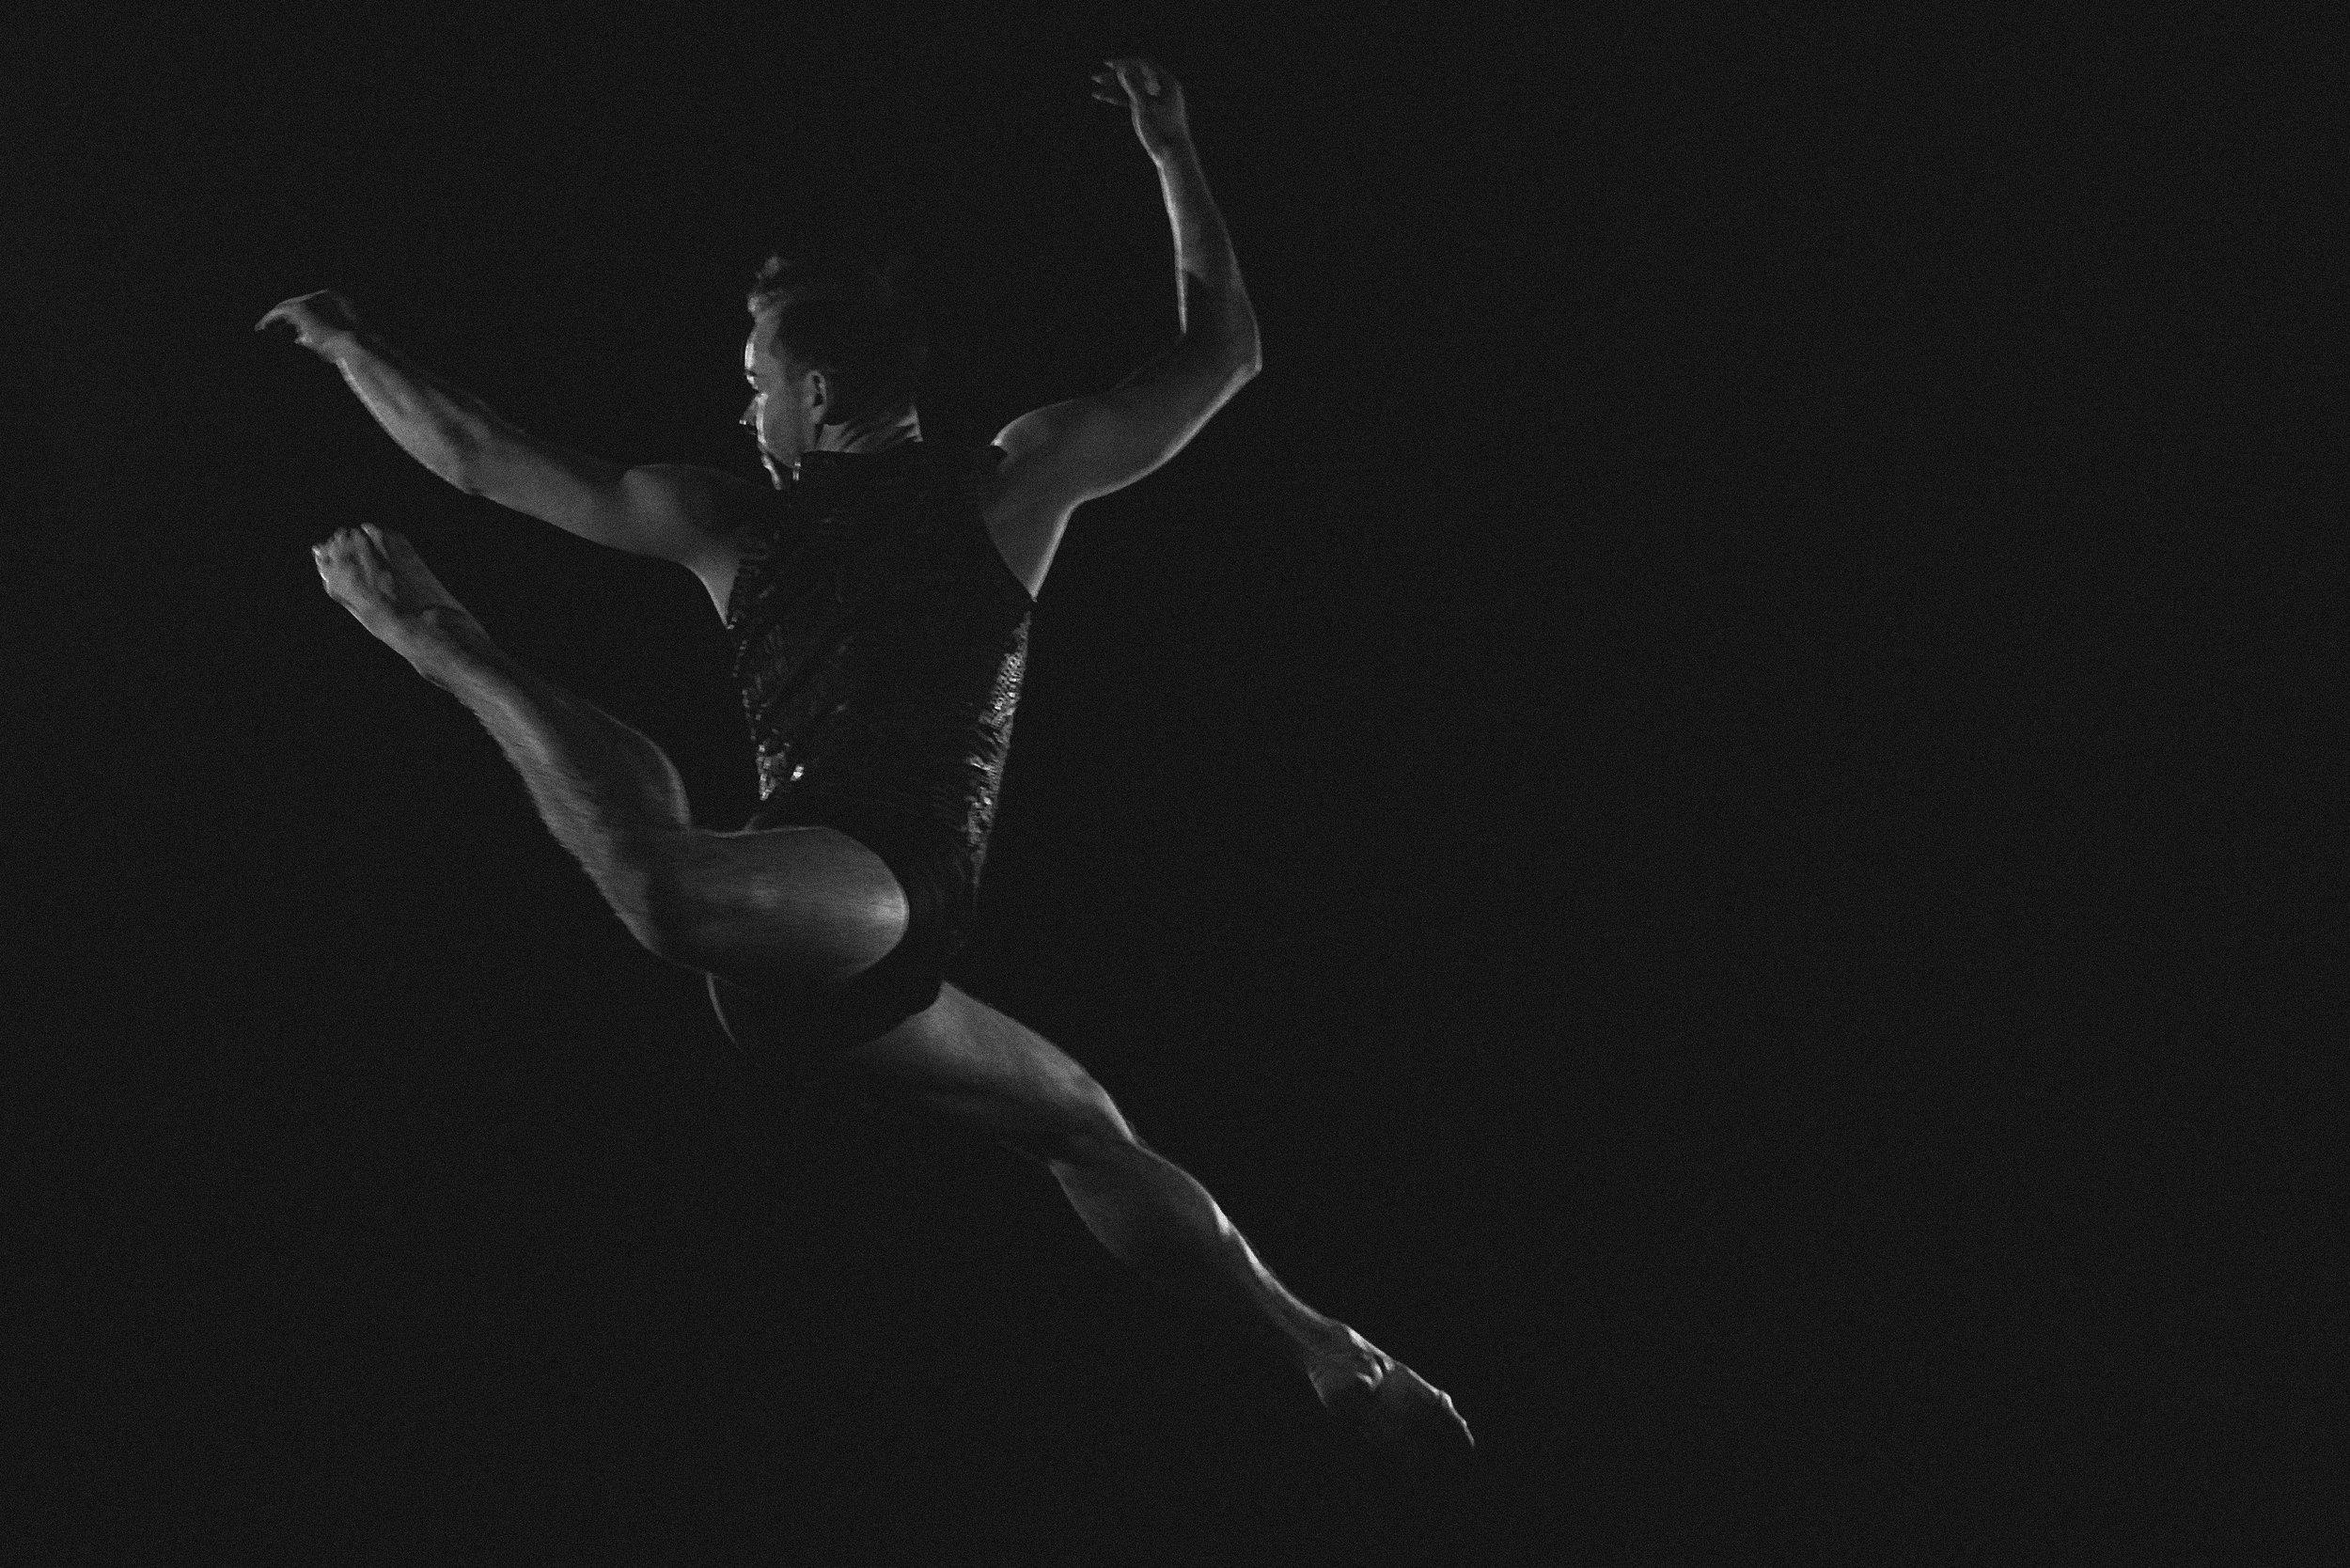 DART Társulat próbatáncot hírdet - HA SZERETNÉL EGY FIATALOS, KITŰNŐ ÉS ENERGIKUS TÁRSULATTAL EGYÜTT DOLGOZNI, KÜLD EL JELENTLEZÉSED A DARTTHEATER@GMAIL.COM-RA.A DART Társulat táncosokat keres egy éves szerződésre a 2019/2020-as évadra, ami 2019. szeptember 9-én kezdődik.2019. március 30. (szombat) 13:00 – 18:00JELENTKEZÉS: darttheater@gmail.comHATÁRIDŐ: 2019. MÁRCIUS 25.